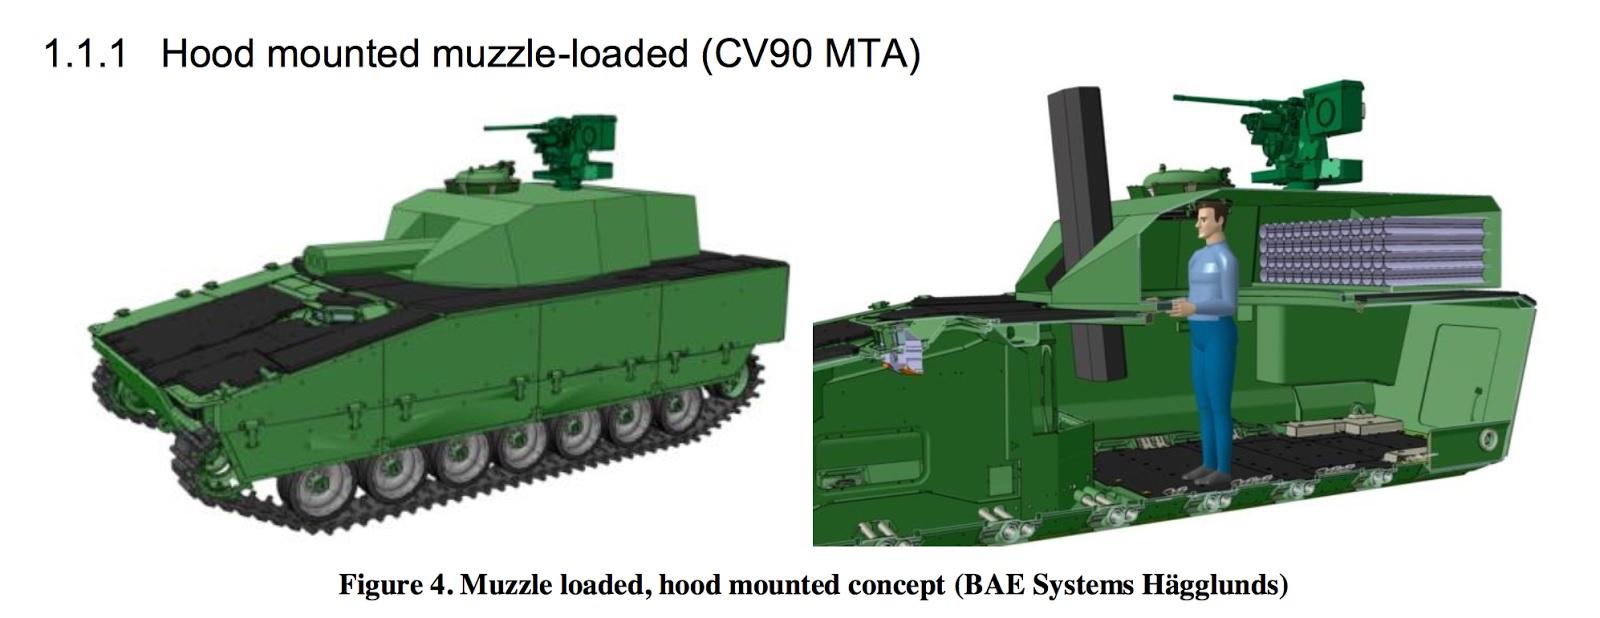 Предположительный концептуальный облик 120-мм самоходной минометной системы Mjölner на шасси БМП CV90 (c).